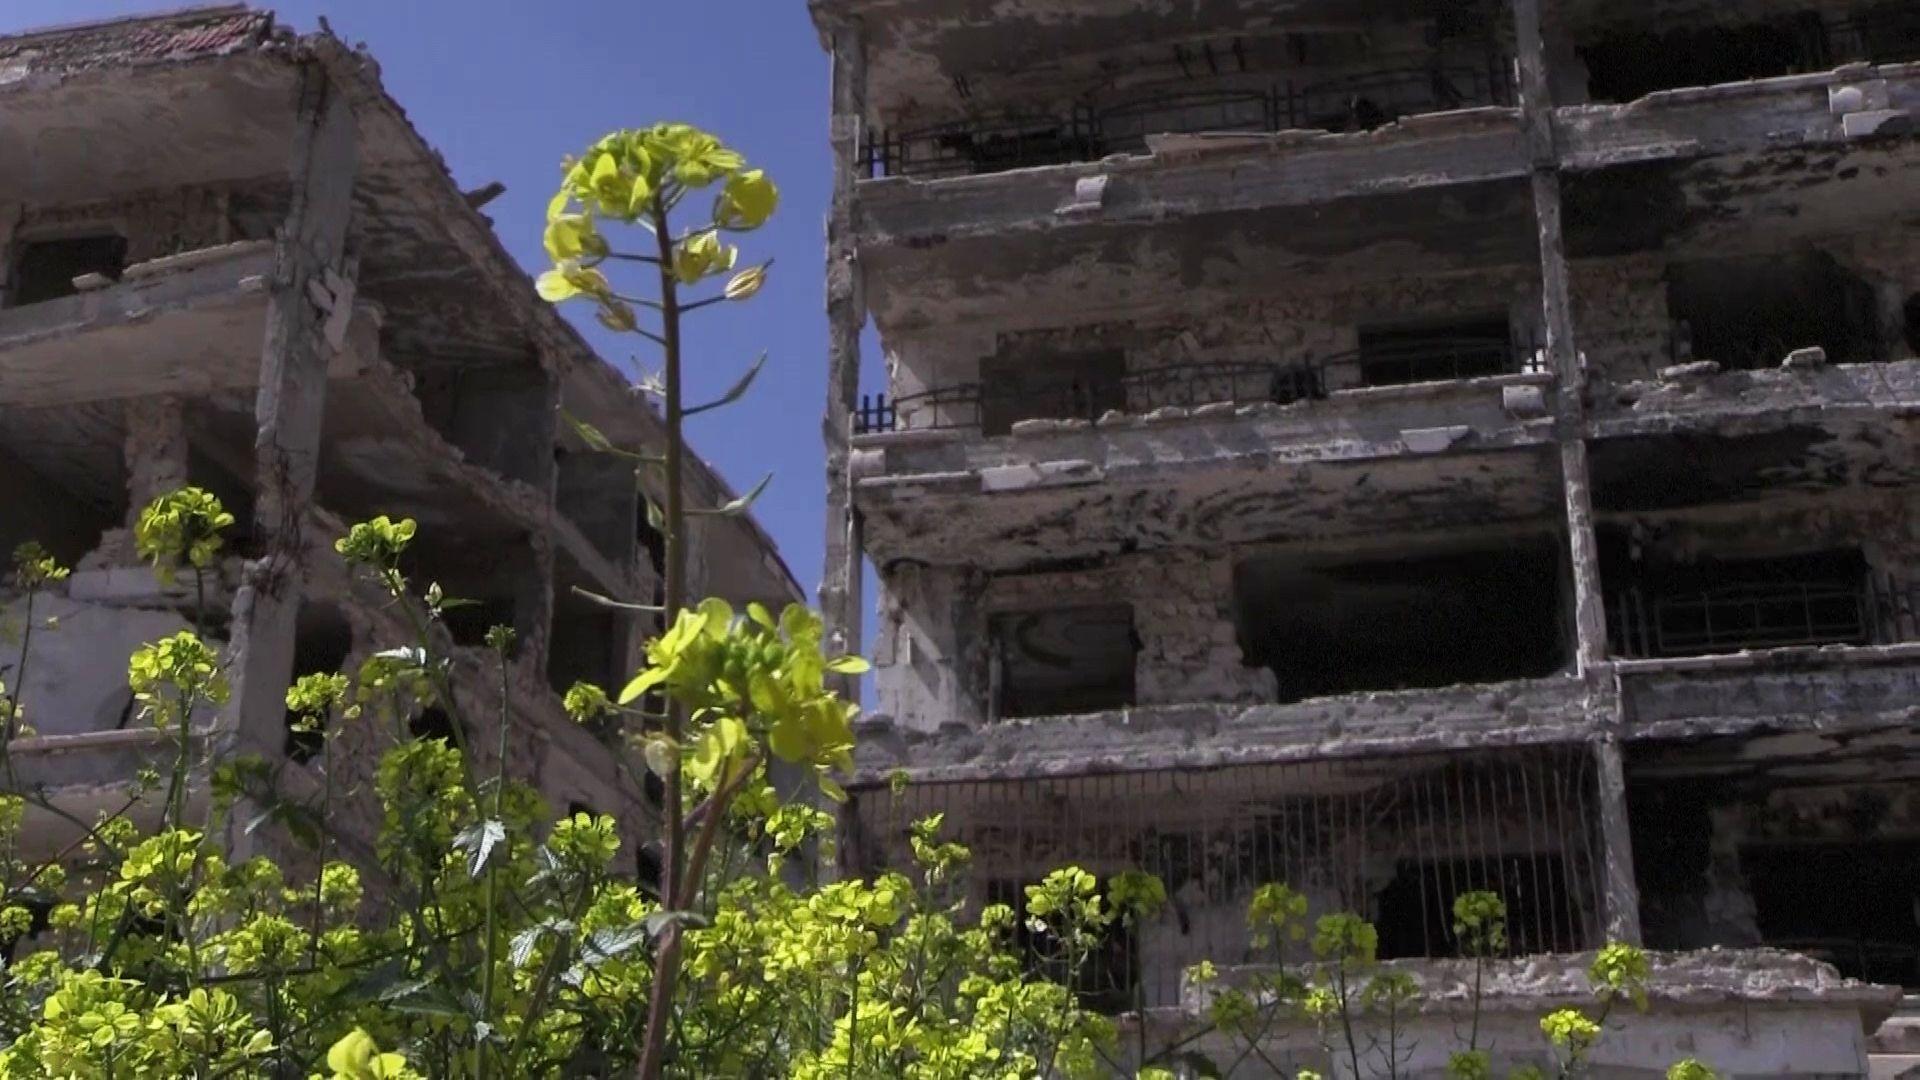 Zerstörte Häuser in der Gegend von Al-Hamdaniya am Stadtrand von Aleppo (Archivbild) - SNA, 1920, 11.10.2021